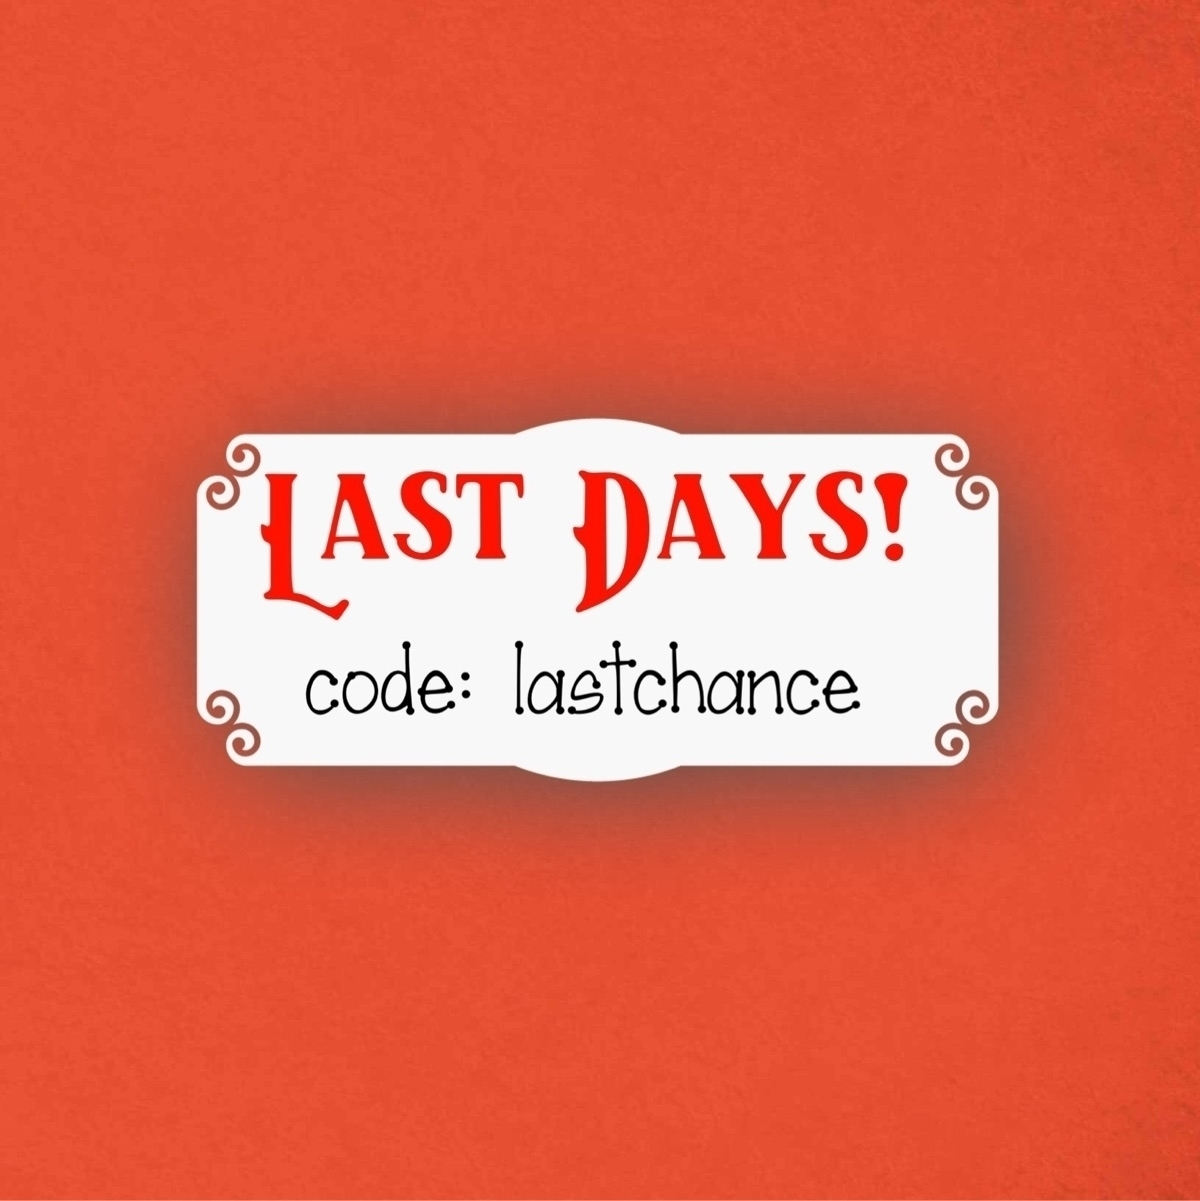 final days yearly sale! 30% sal - rosiecheeks | ello